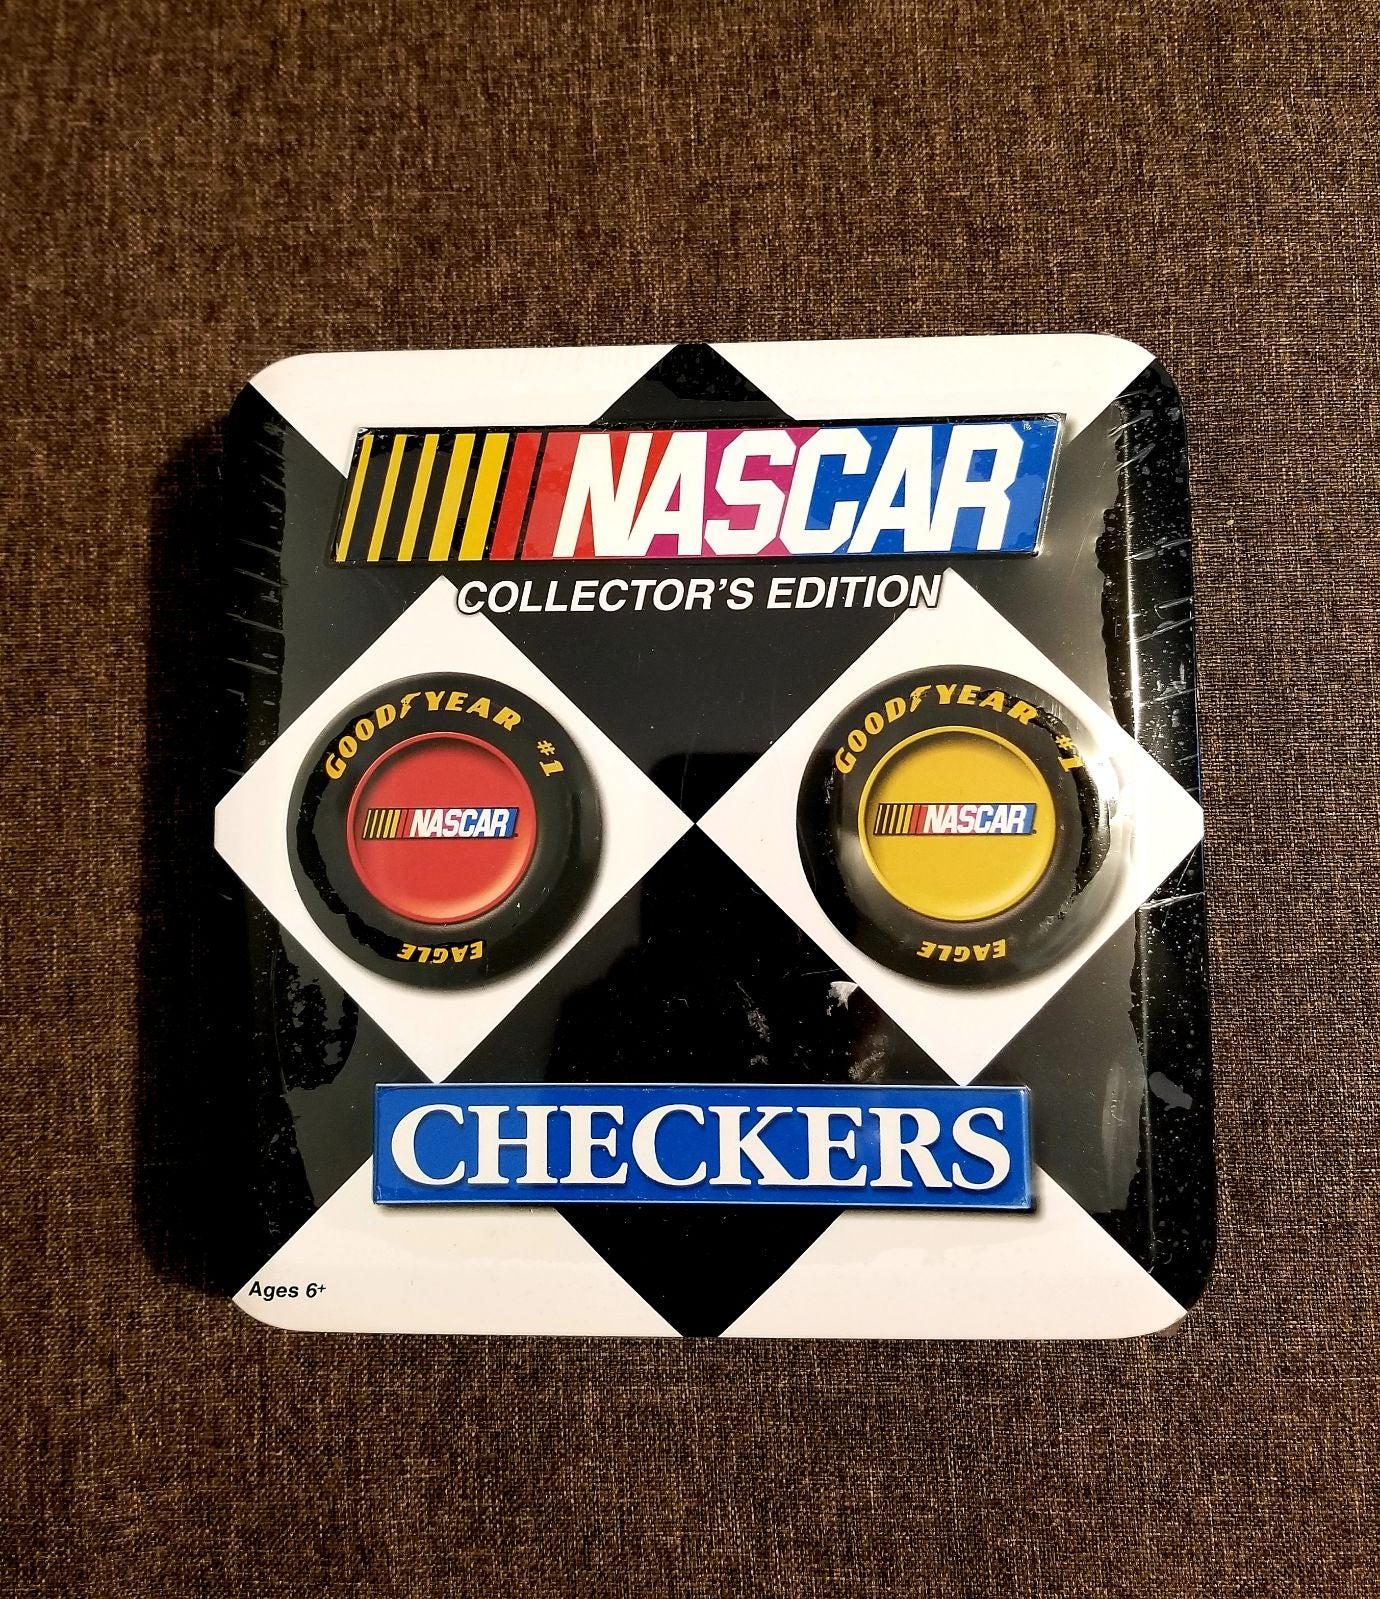 NASCAR Checkers Collector's Edition Tin